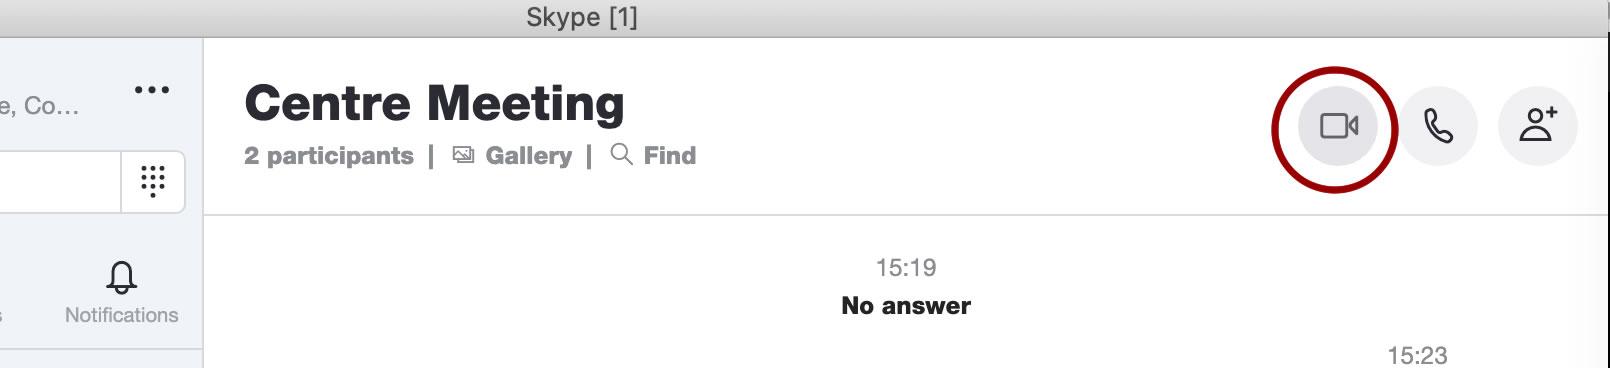 [Skype call ]